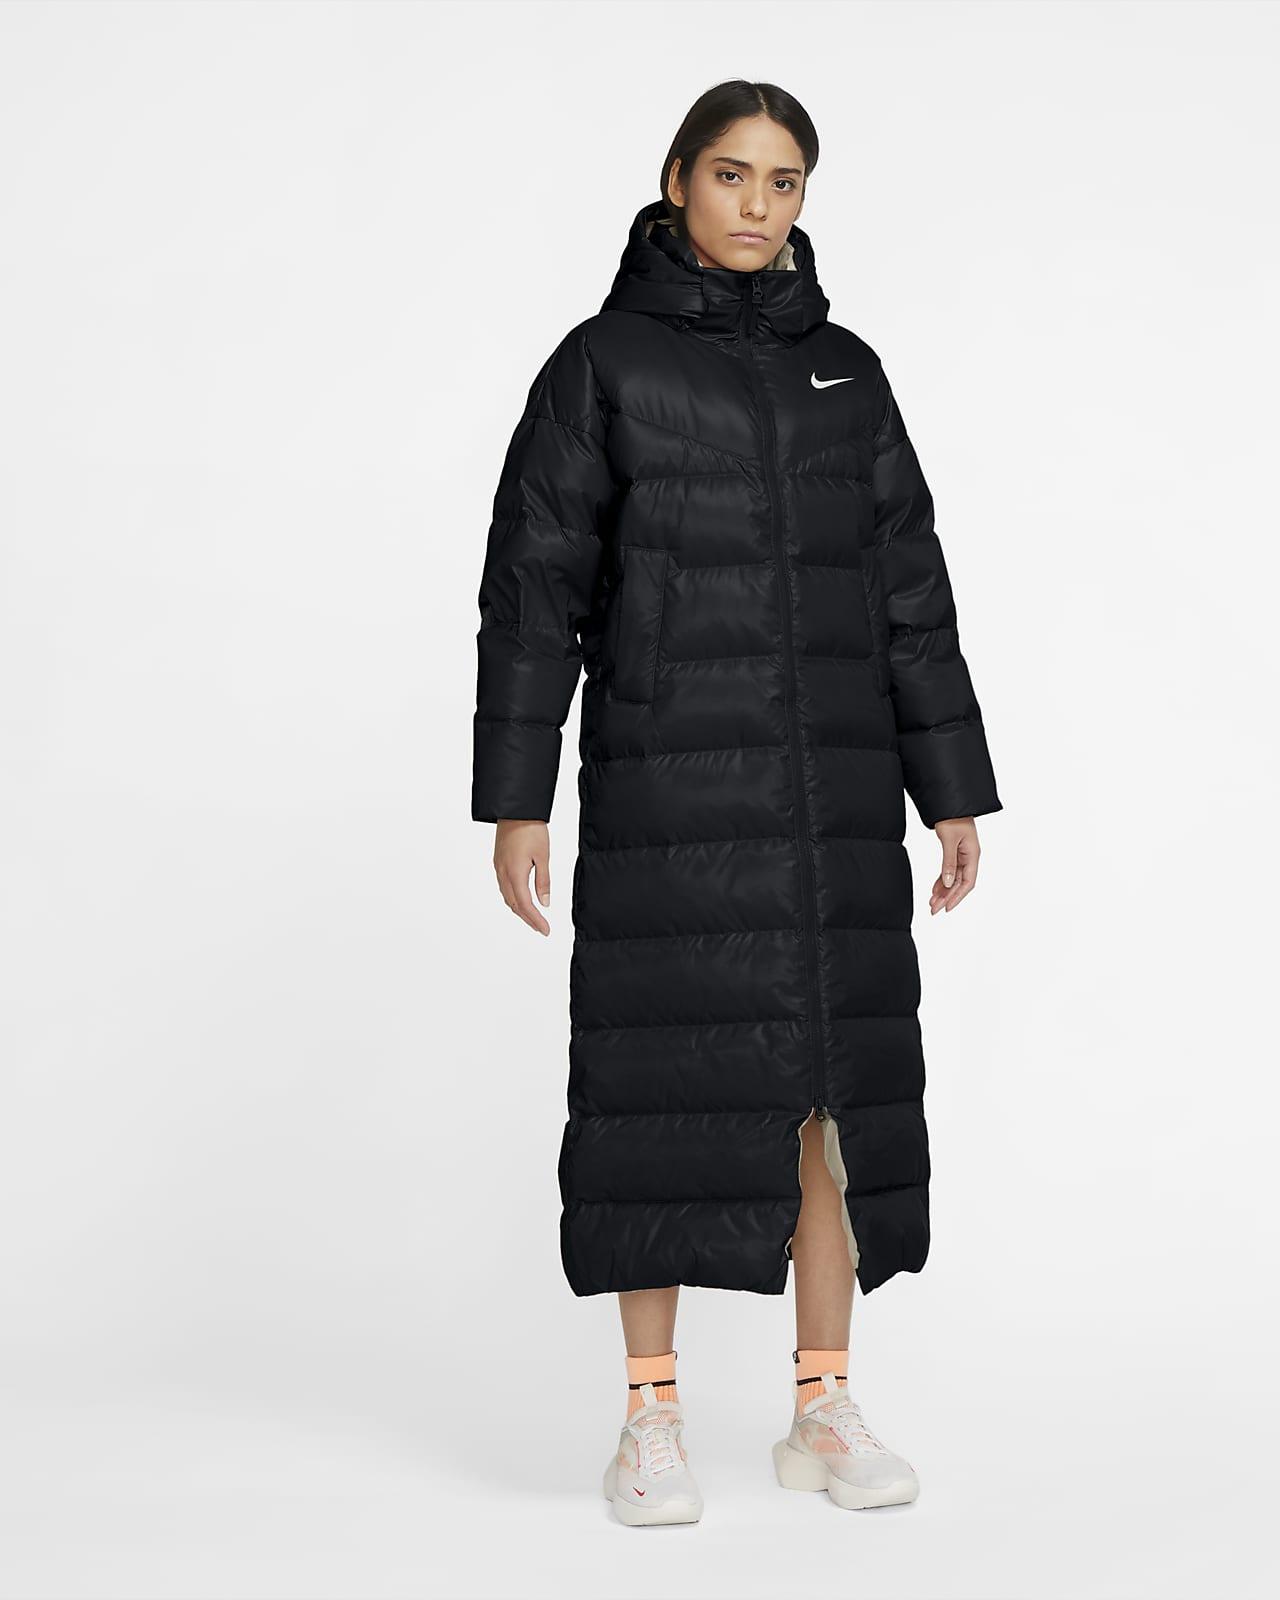 Parka en duvet Nike Sportswear pour Femme